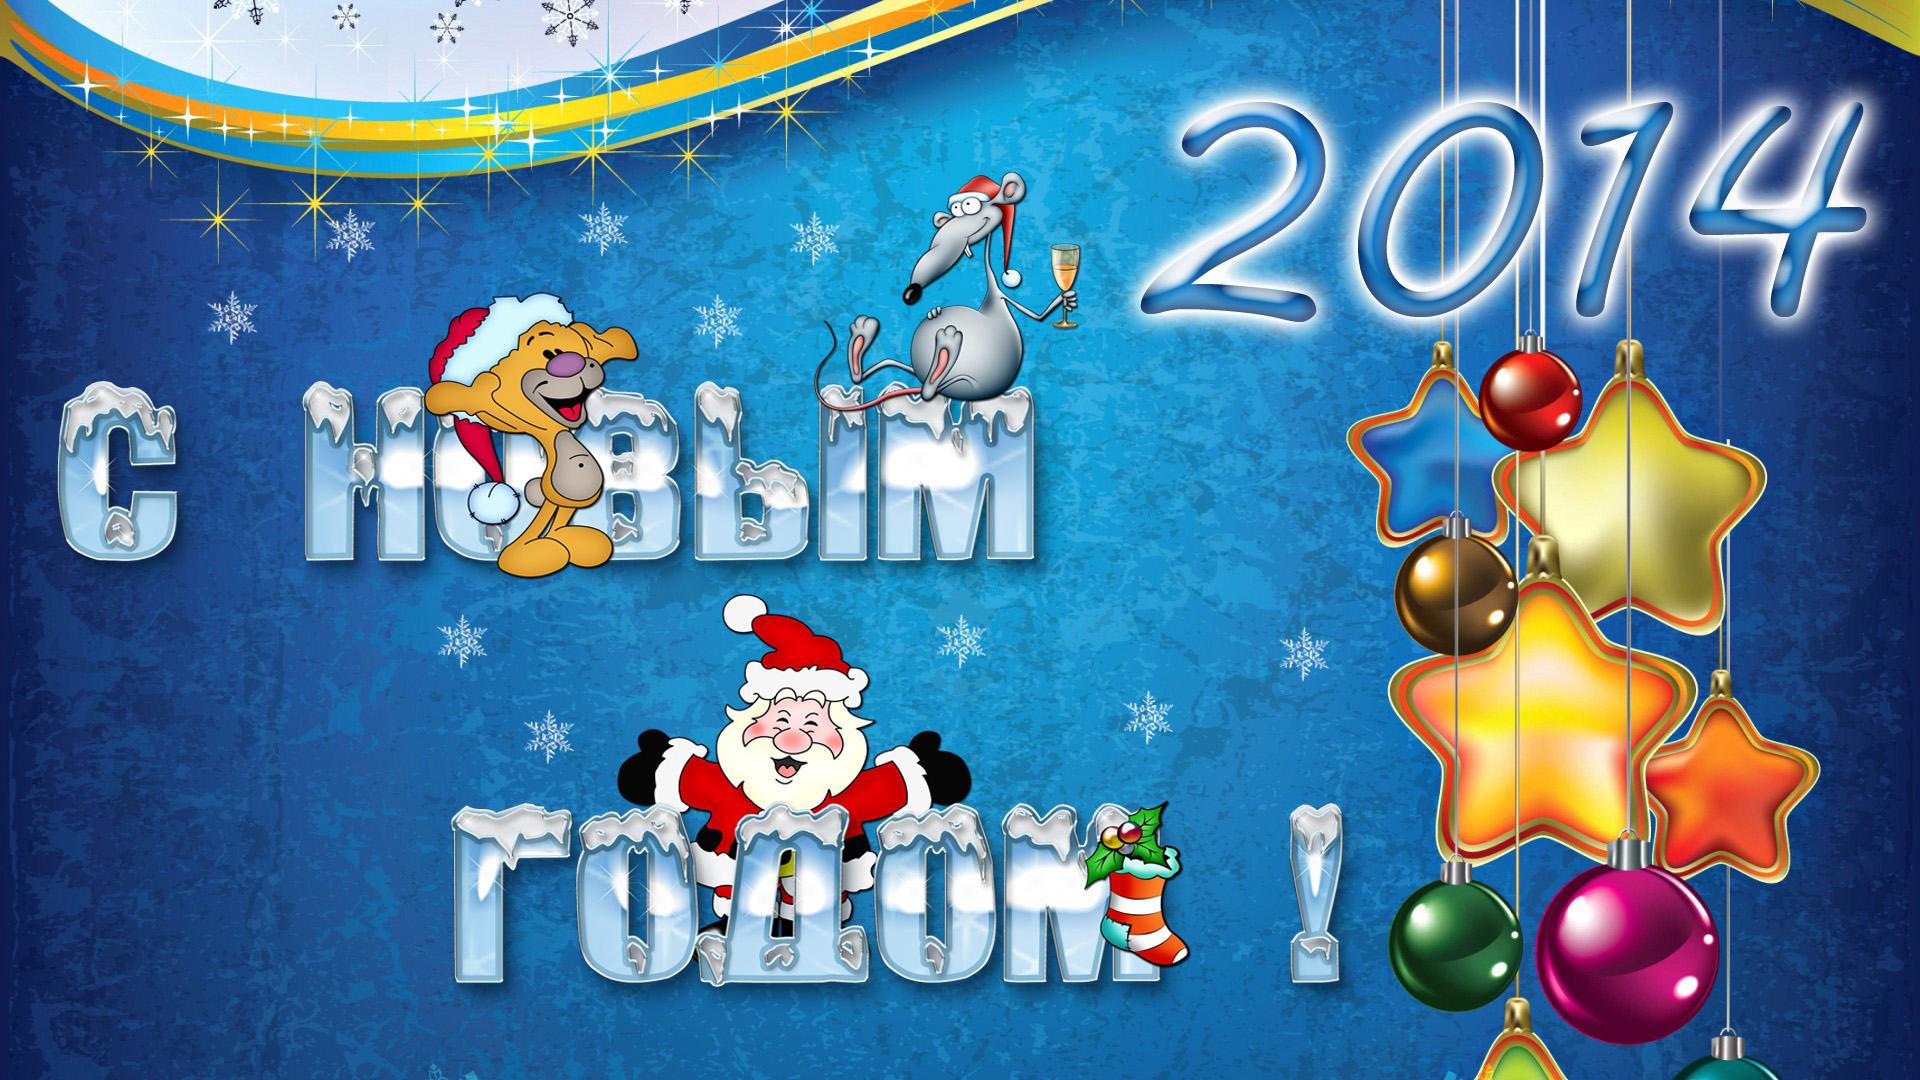 http://s2.hostingkartinok.com/uploads/images/2013/12/6a3fcefa46d42782c3b1ac45695bda1d.jpg